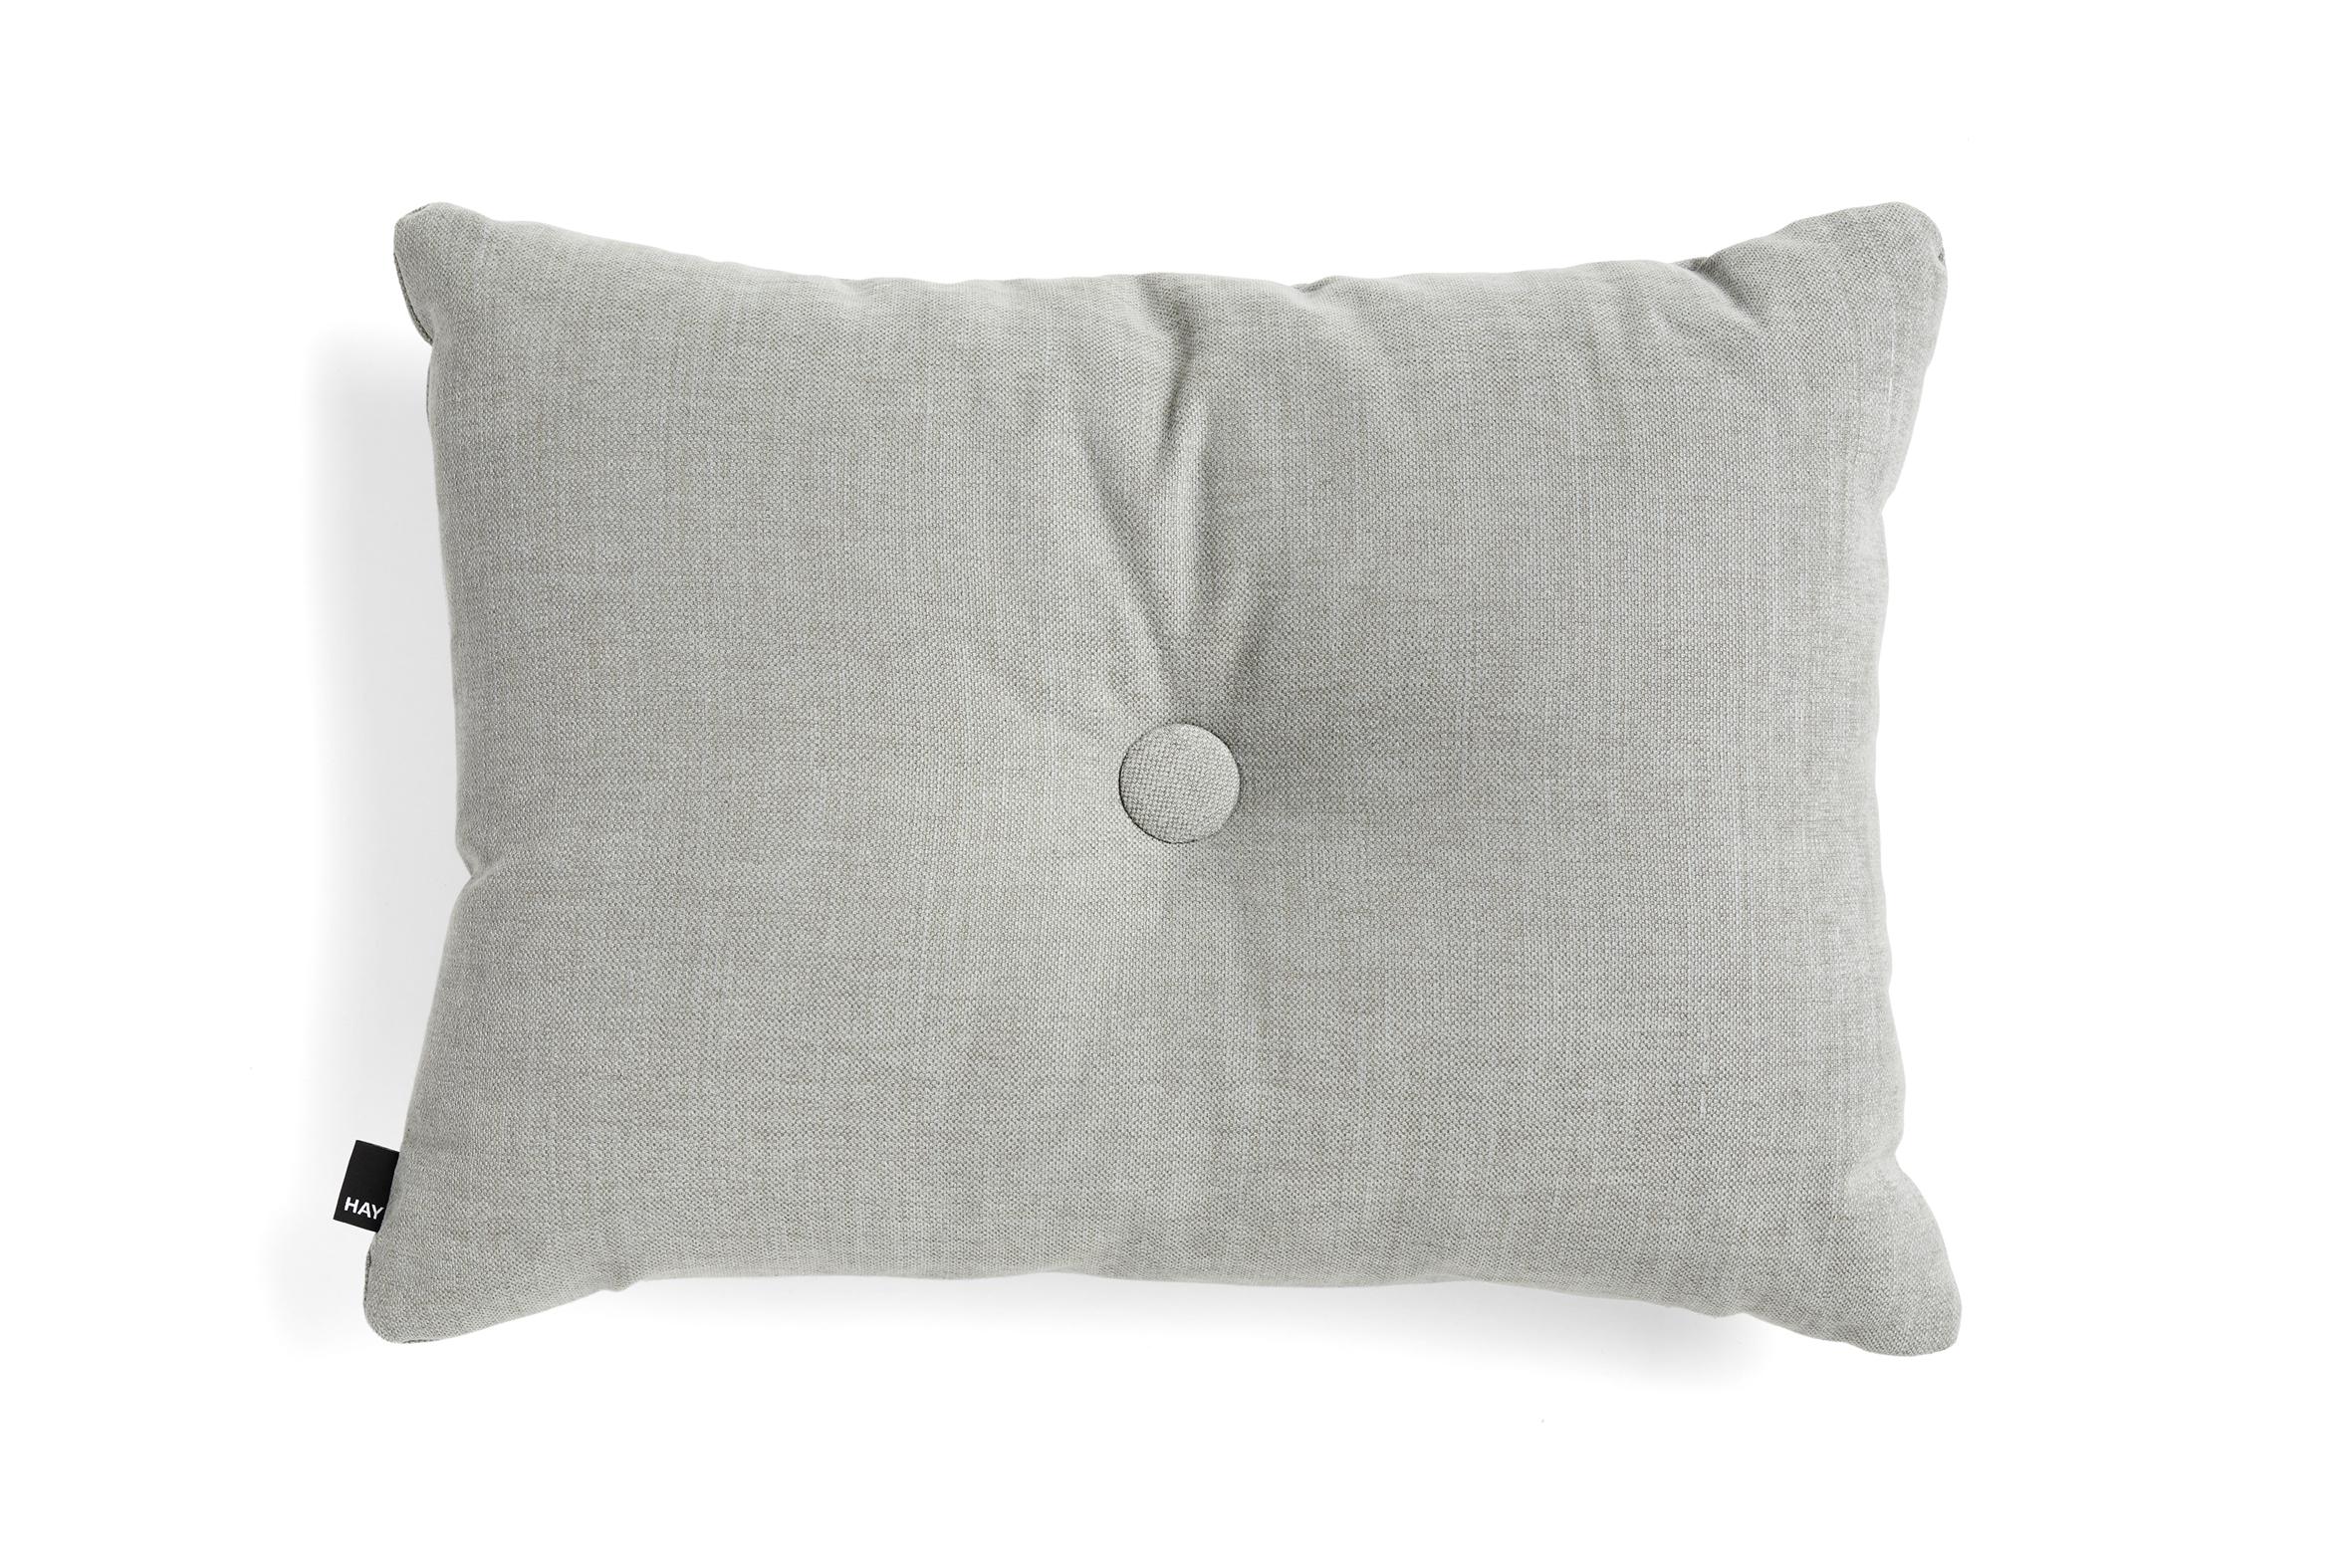 Dot cushion tint grey